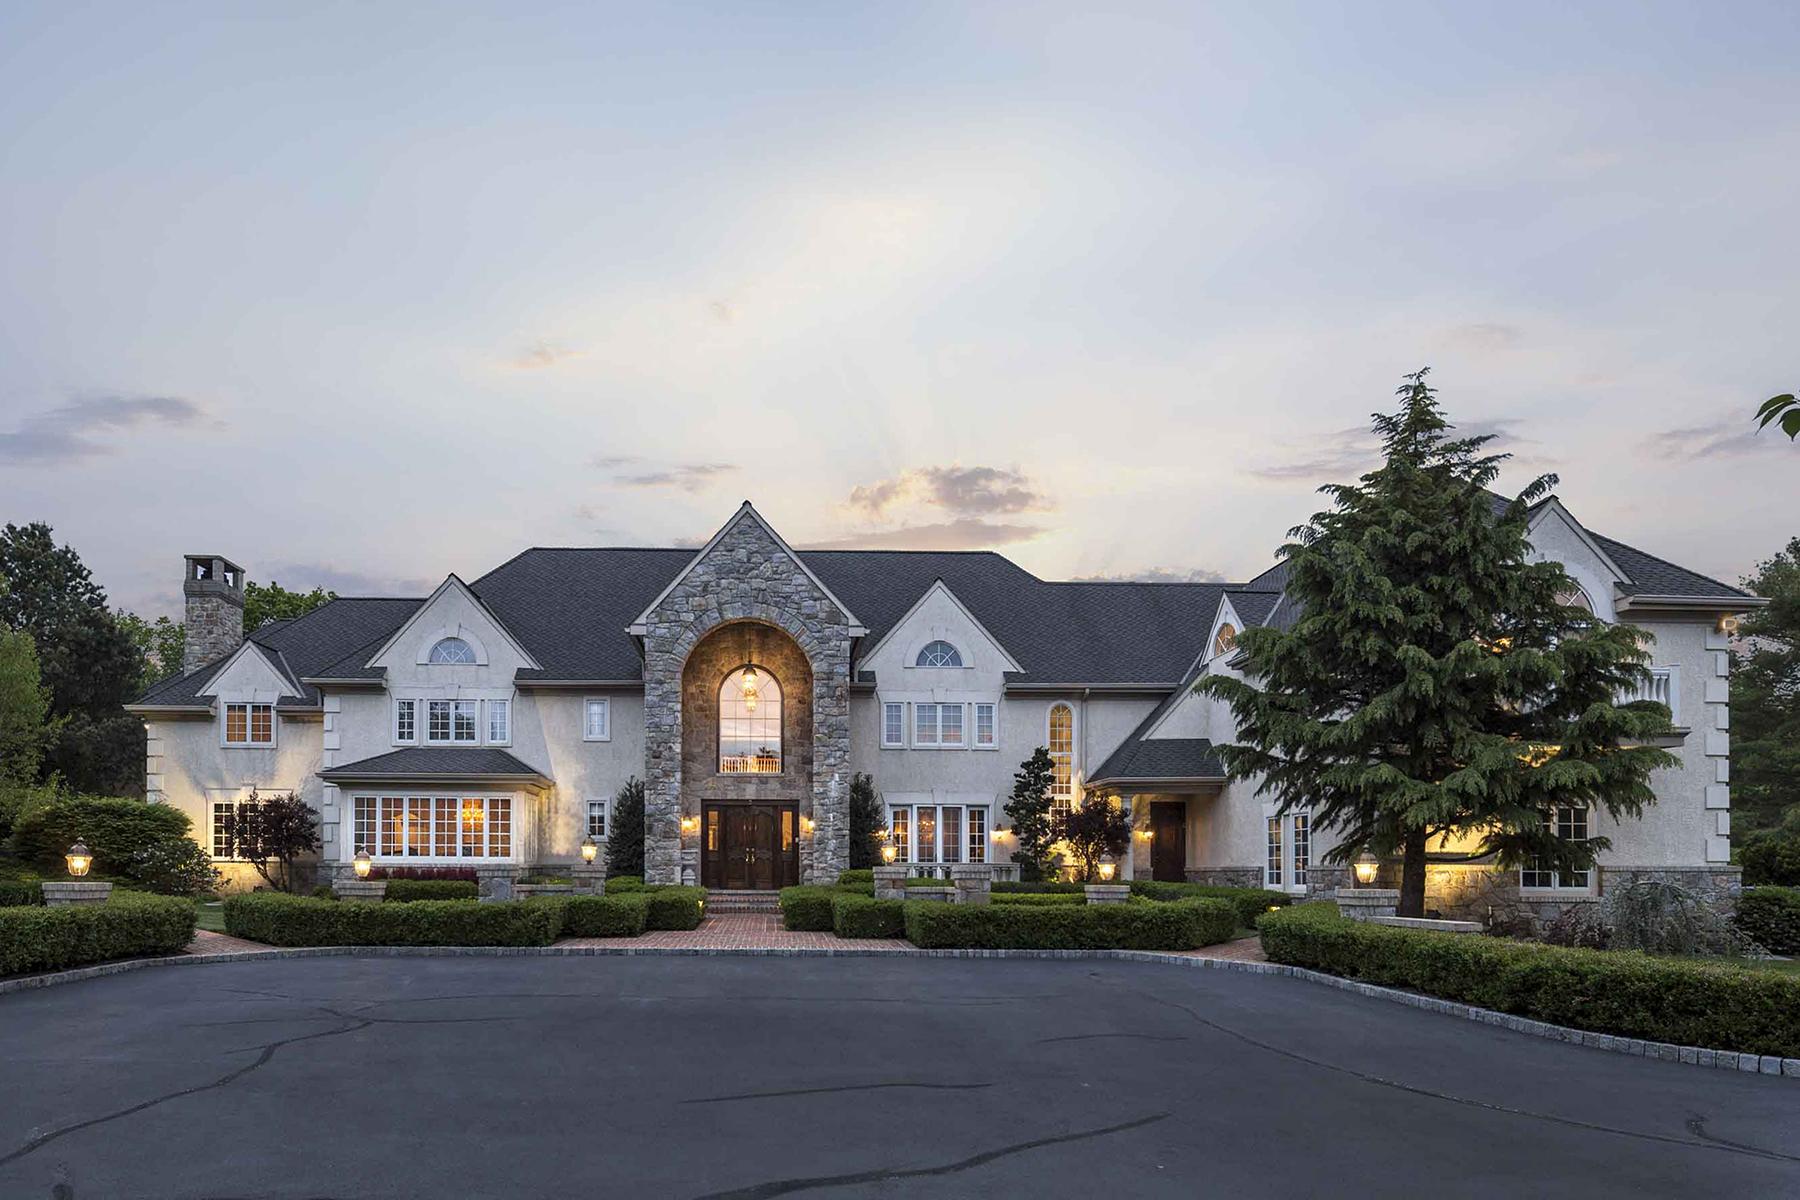 Частный односемейный дом для того Продажа на Gwynedd Valleys Finest 303 Cathcart Rd Gwynedd Valley, Пенсильвания, 19047 Соединенные Штаты